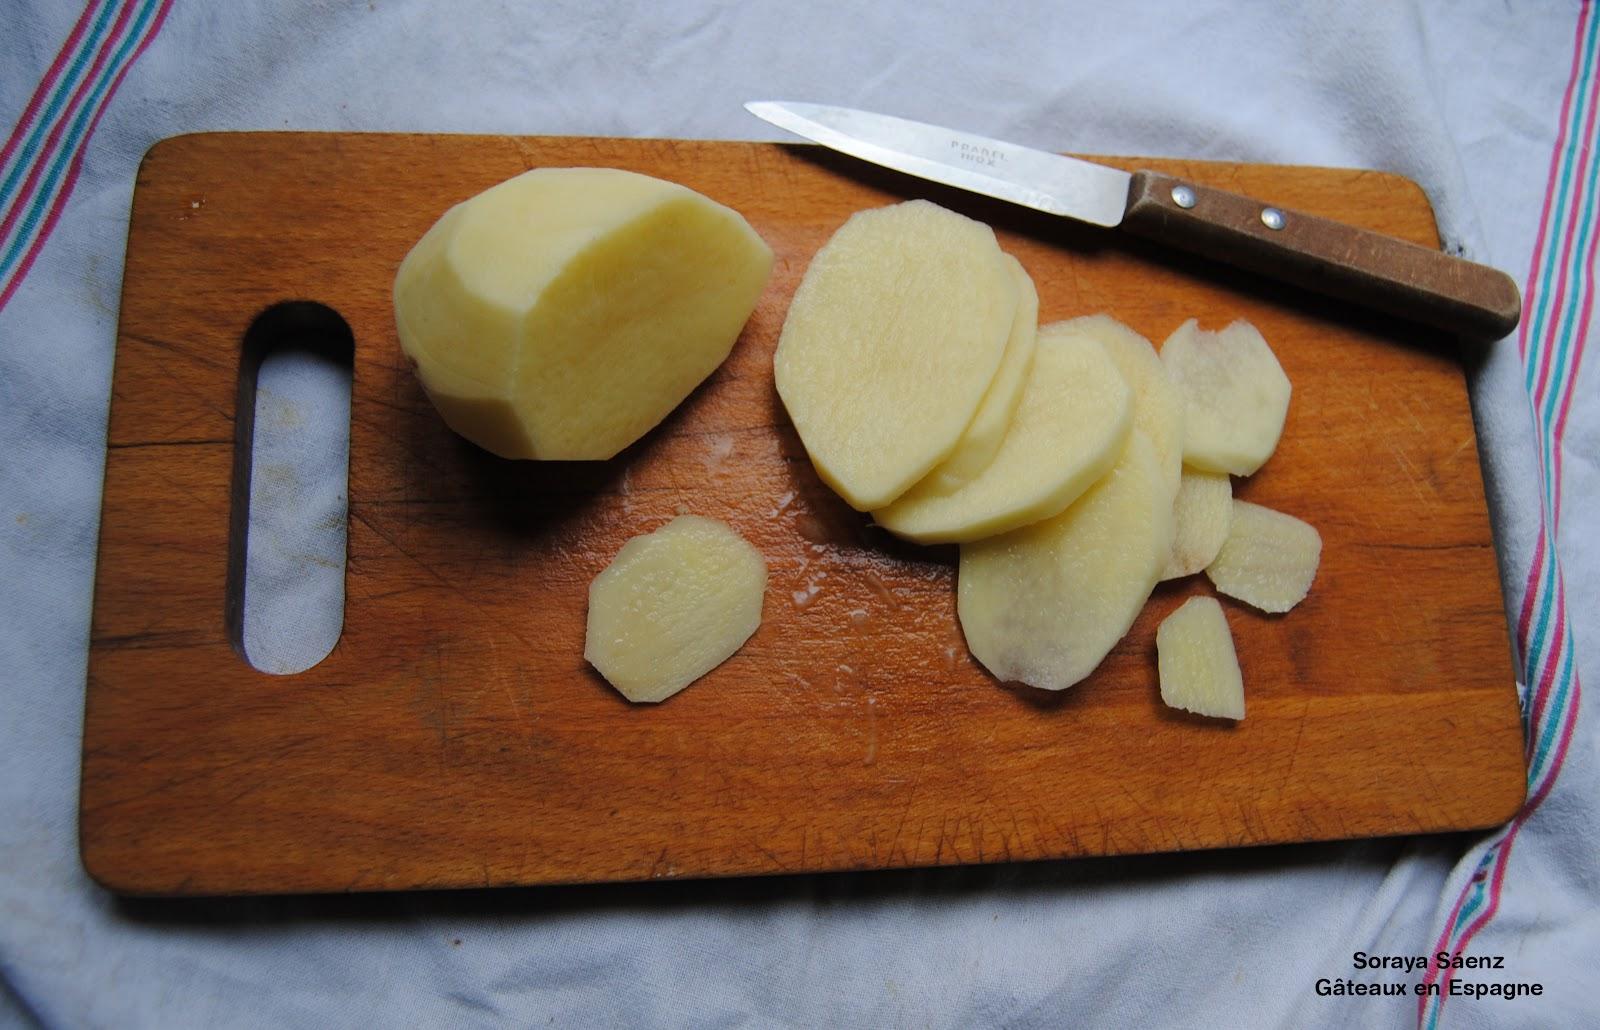 g teaux en espagne recette de 39 tortilla 39 aux pommes de terre la 39 tapa 39 espagnole la plus mang e. Black Bedroom Furniture Sets. Home Design Ideas